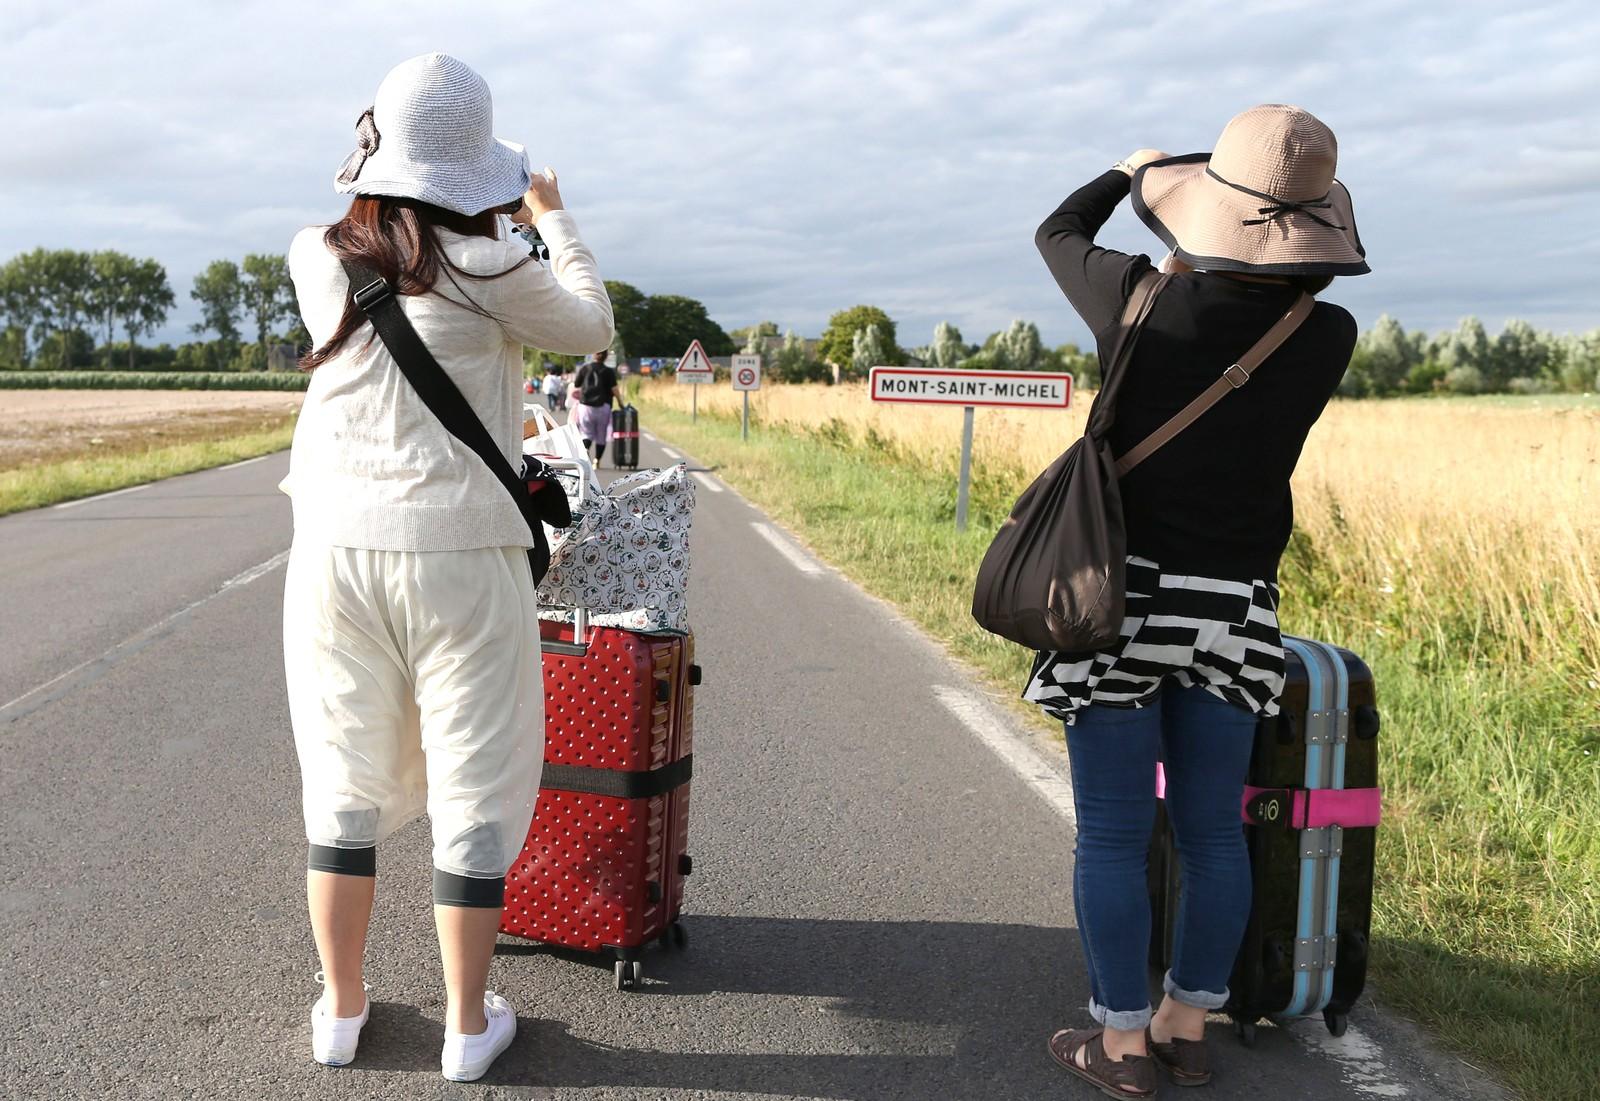 Det var ikke helt slik de hadde sett for seg ankomsten til feriestedet sitt. Disse turistene måtte ta beina fatt den siste delen av veien mot hotellet da bussen ikke kom forbi streikende, franske bønder i Mont Saint-Michel.  Hundrevis av sinte, franske bønder har blokkert veier og demonstrert i flere dager. De krever høyere kjøtt- og melkepriser.